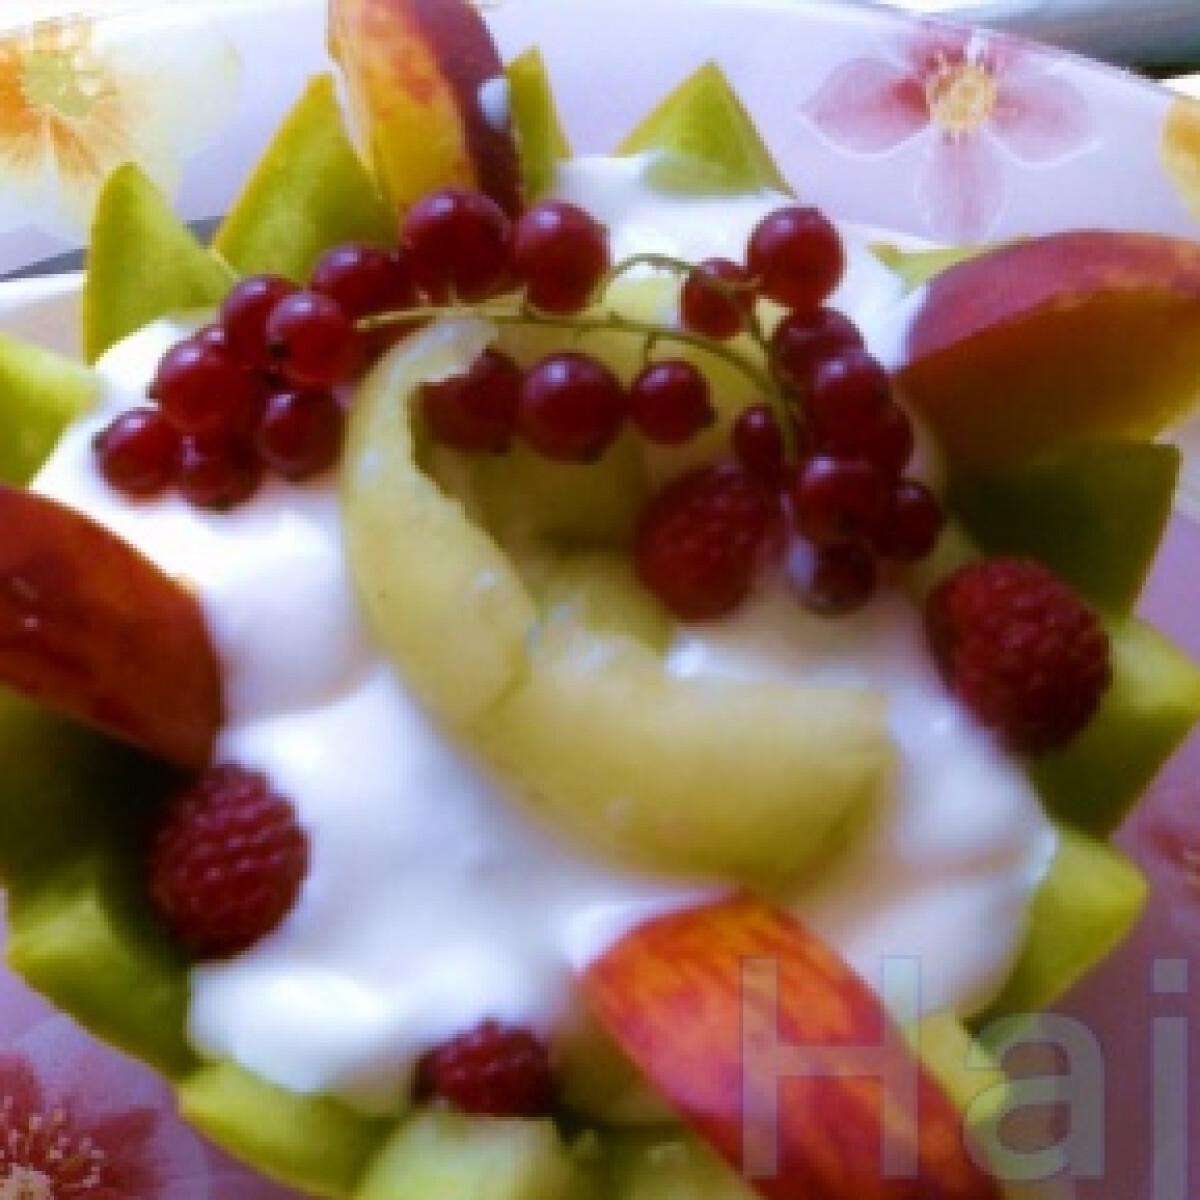 Ezen a képen: Nyári gyümölcsfészek